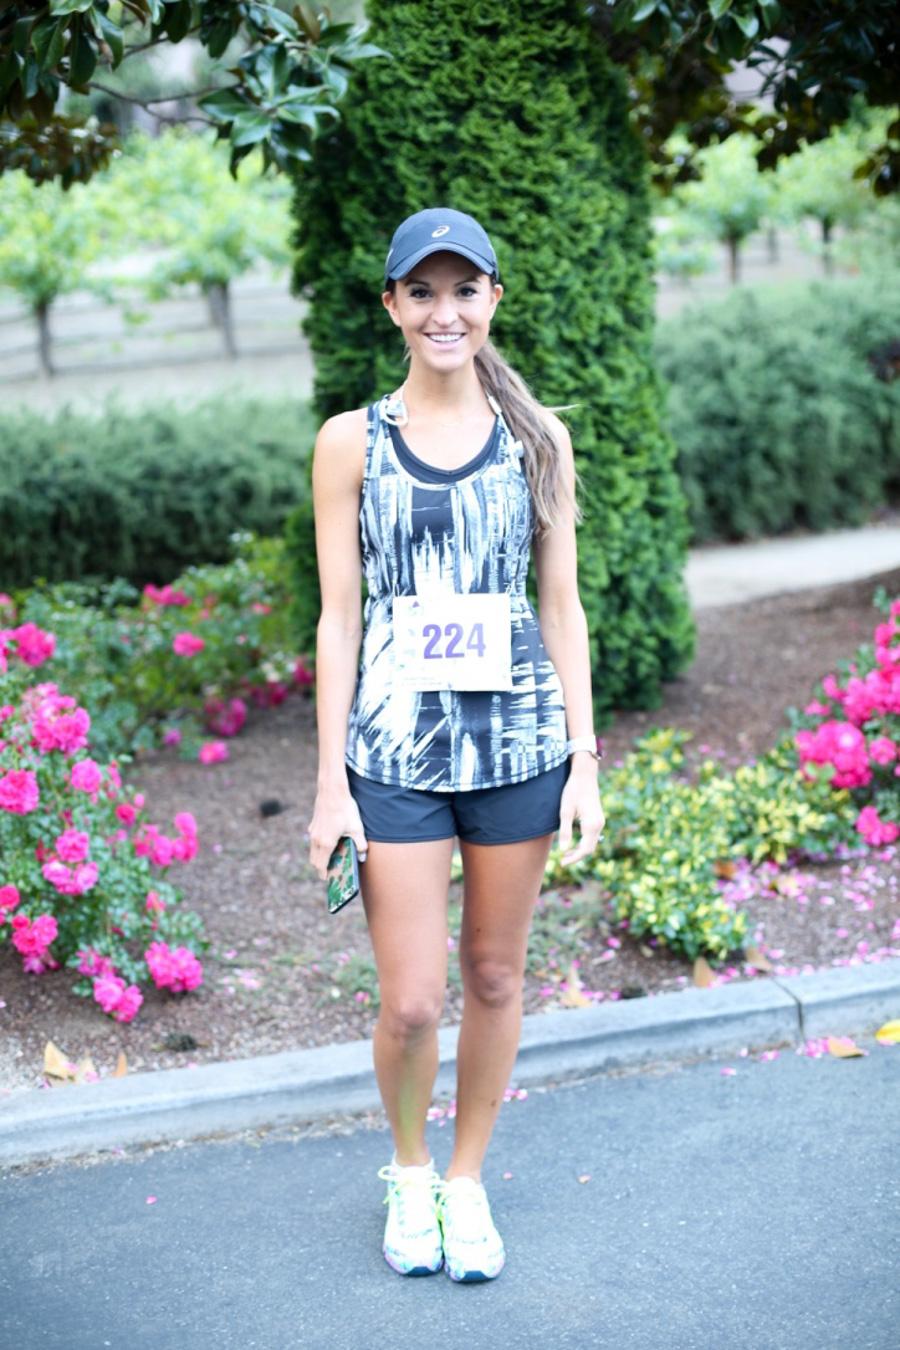 lauren sims ASICS half marathon